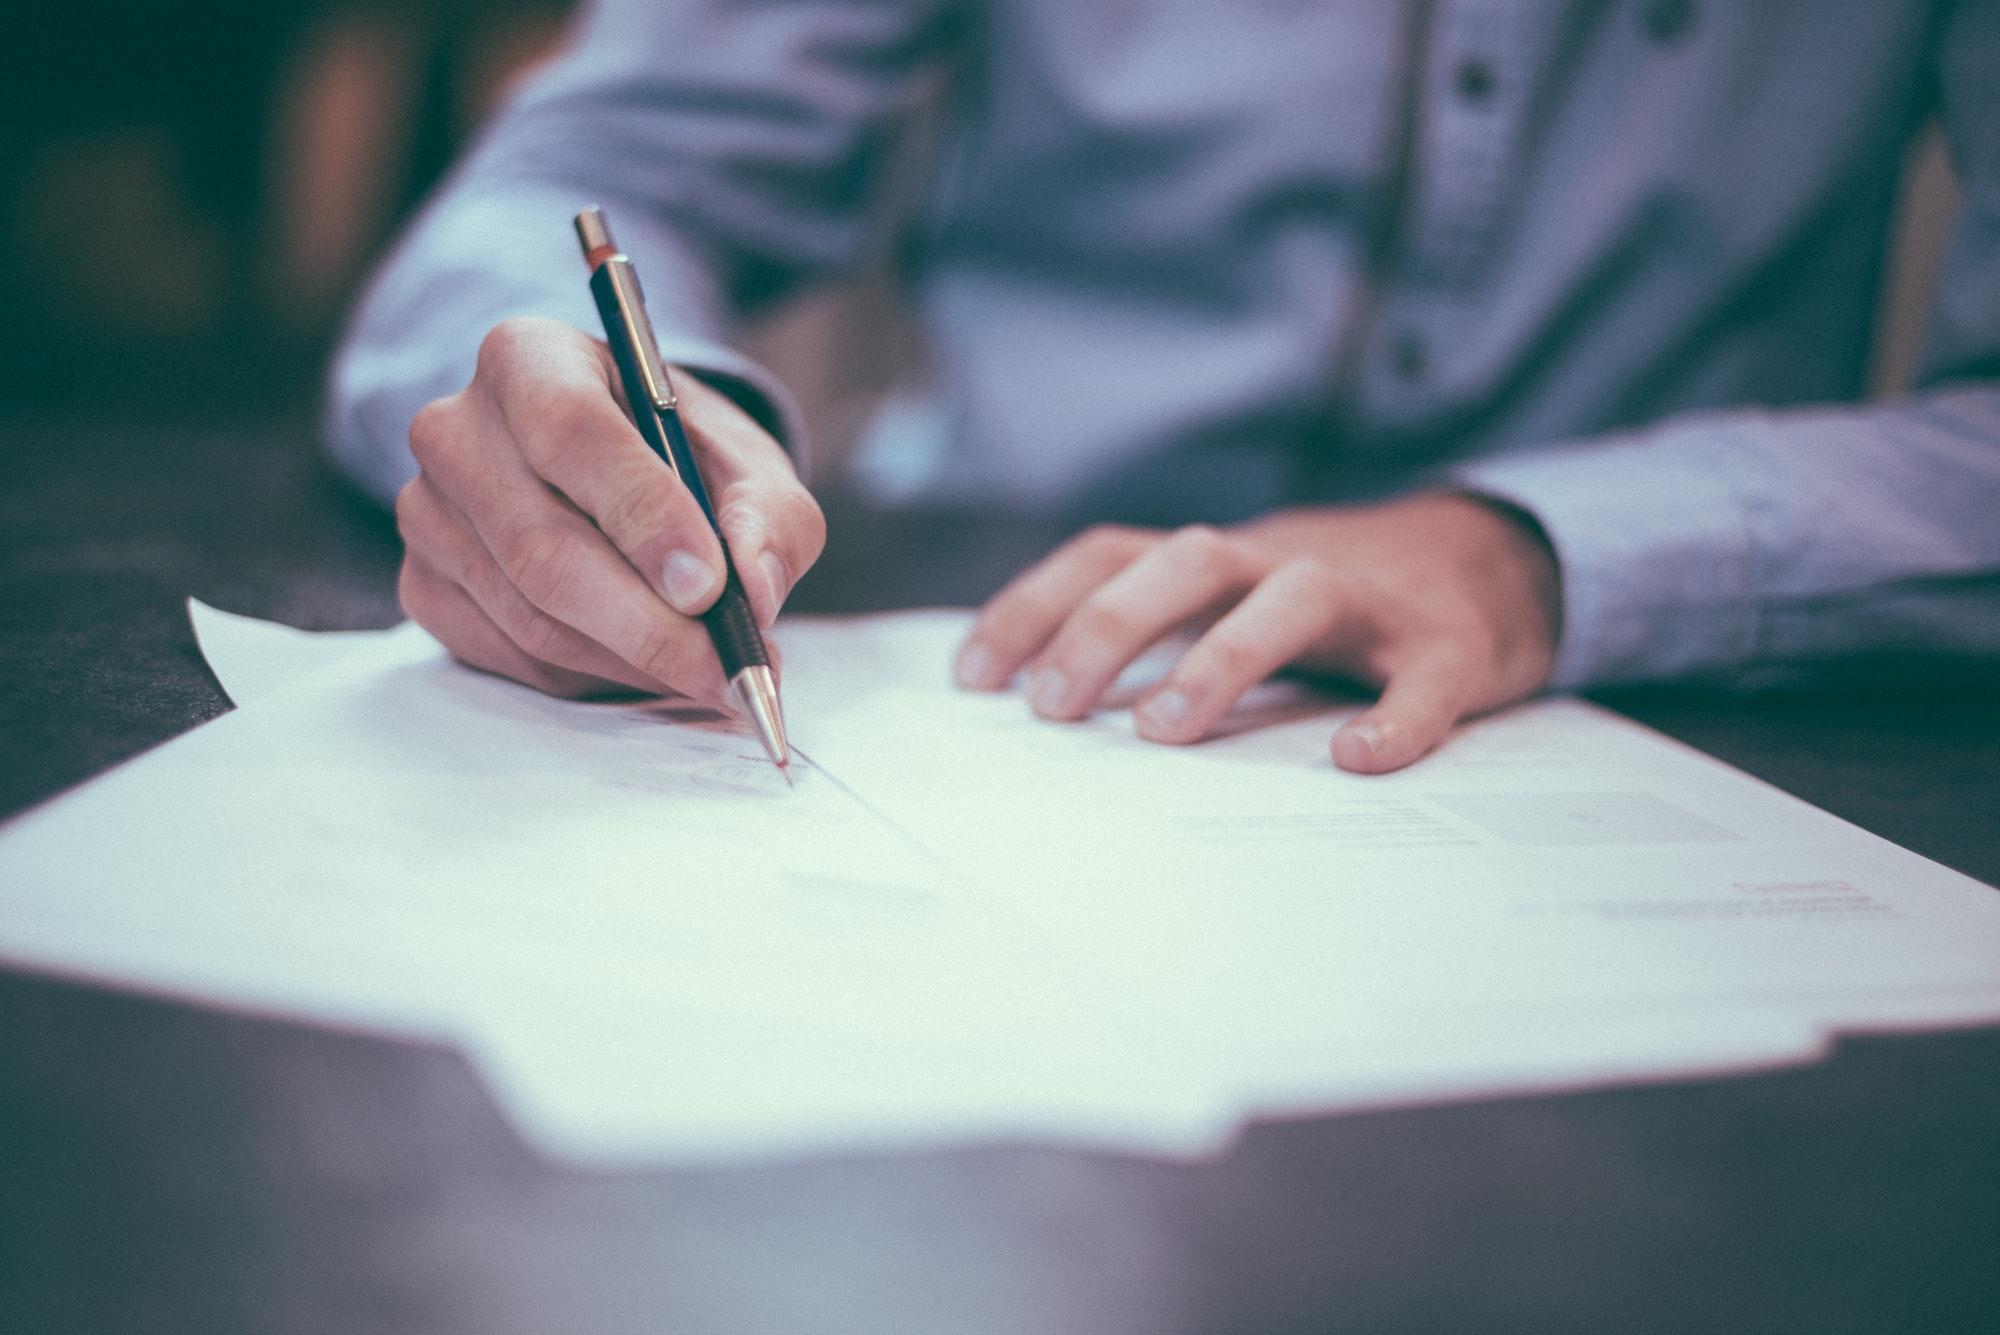 आपदा में अवसर: फर्जी दस्तावेजों से ऋण पाने का षडयंत्र, दो साल की सजा